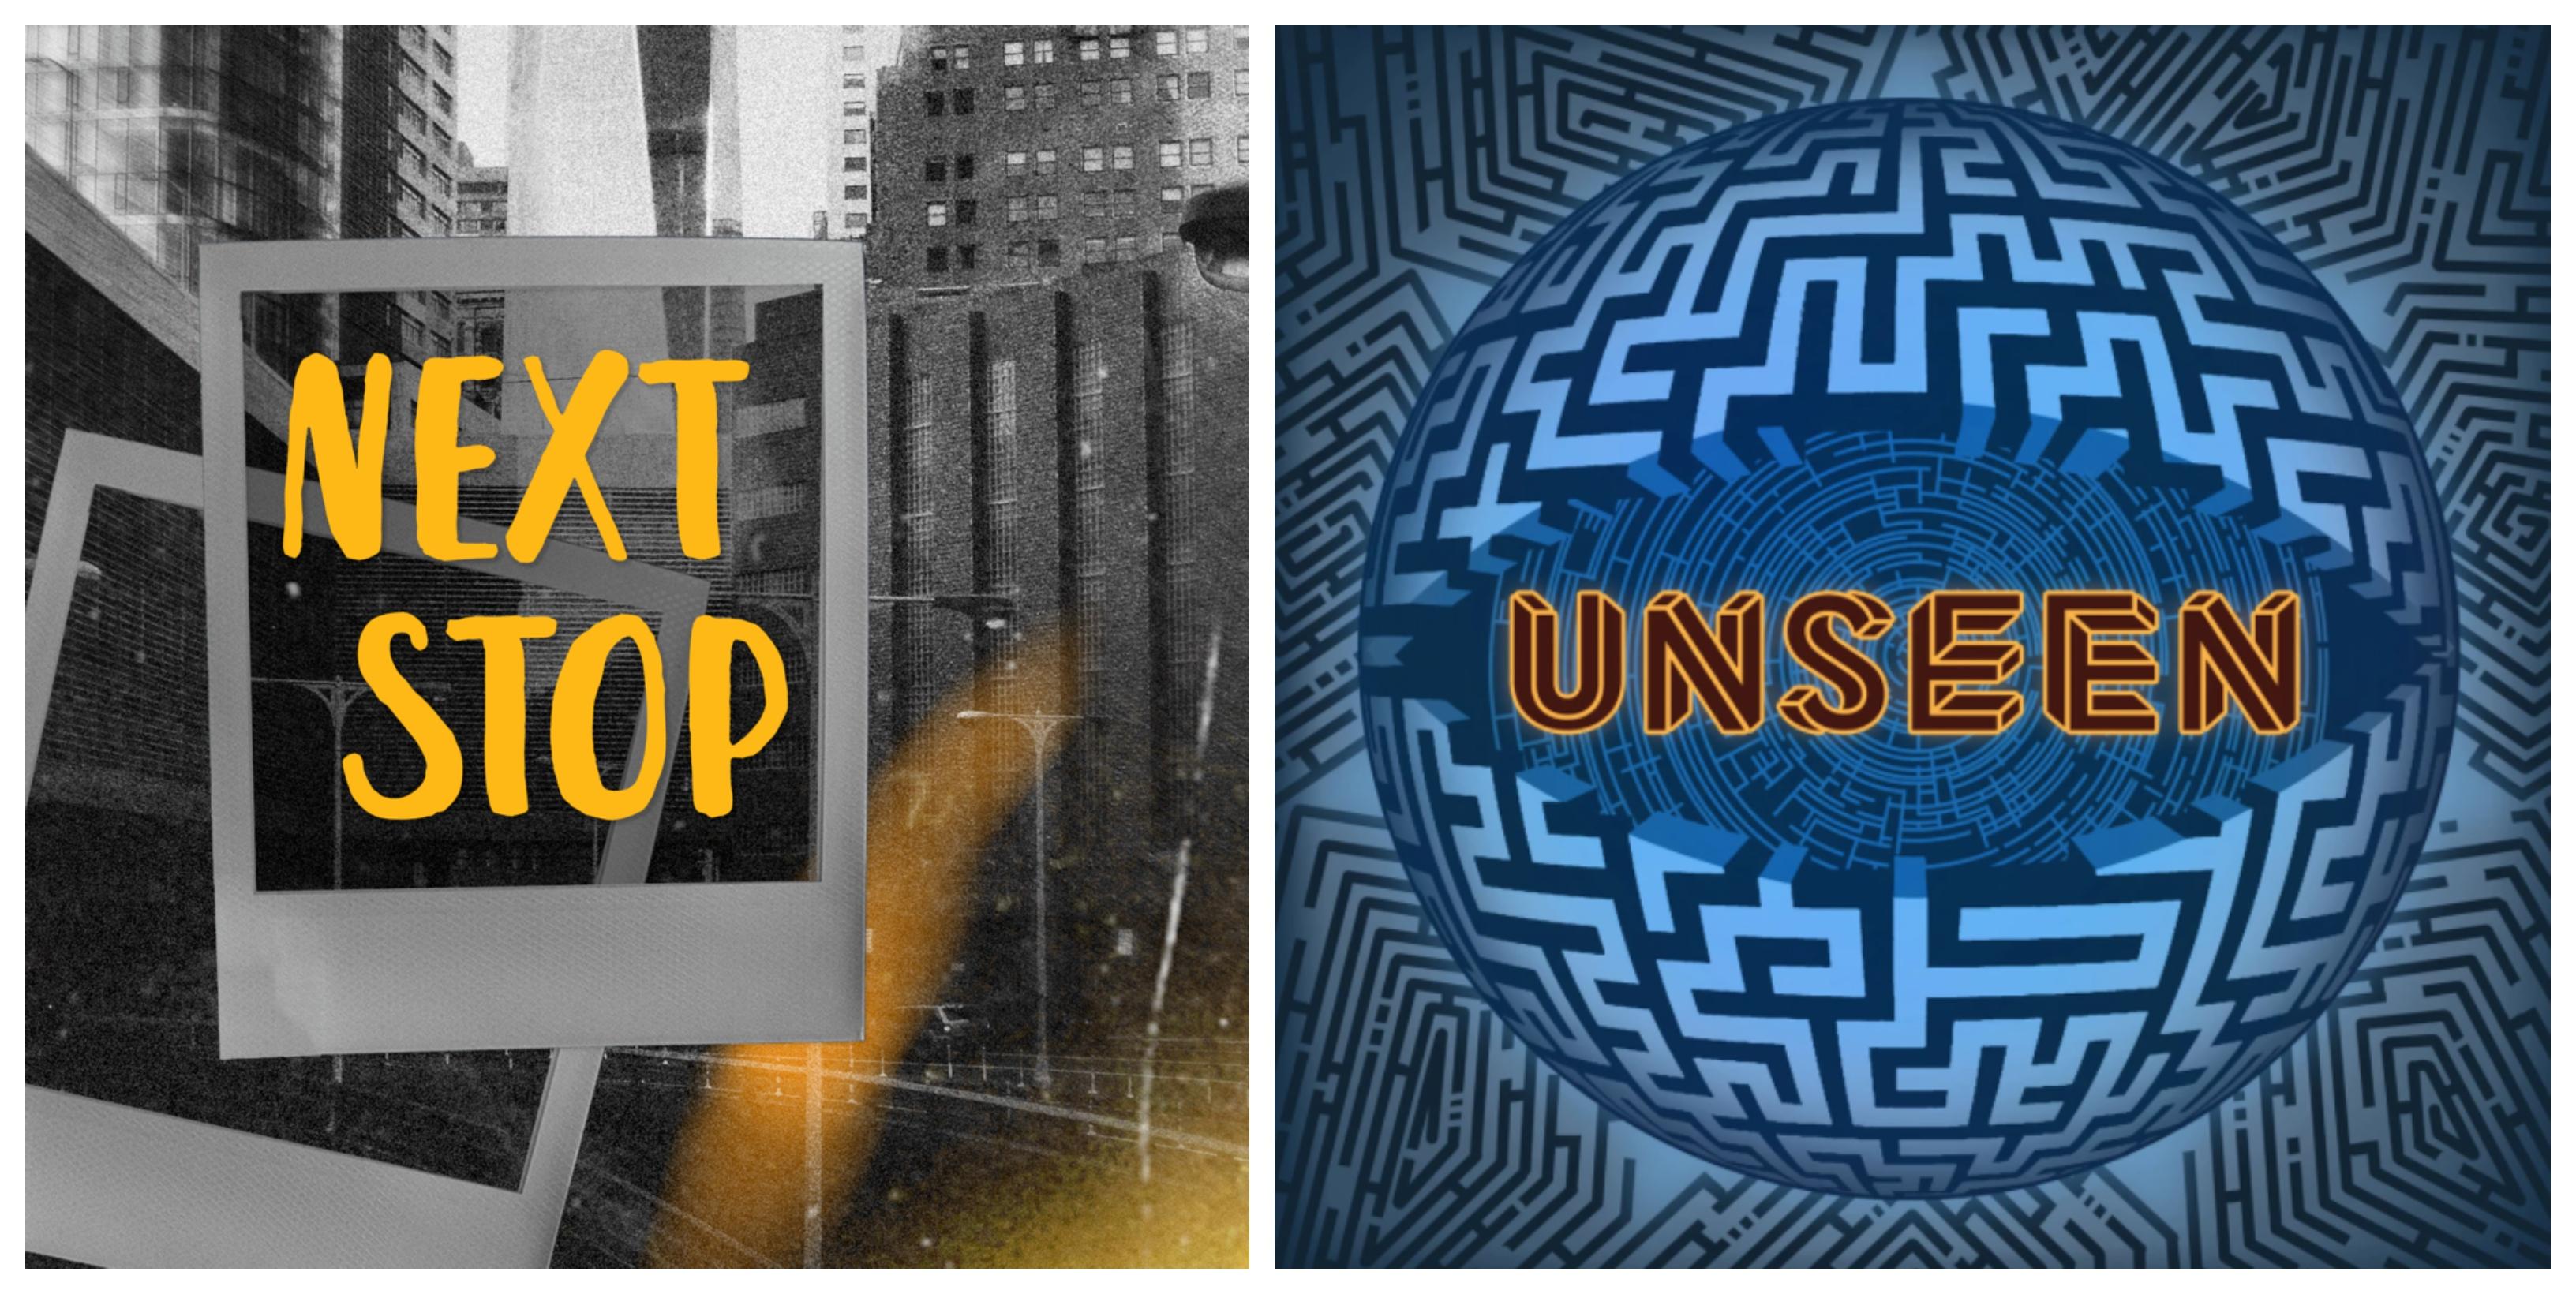 Next Stop - Unseen